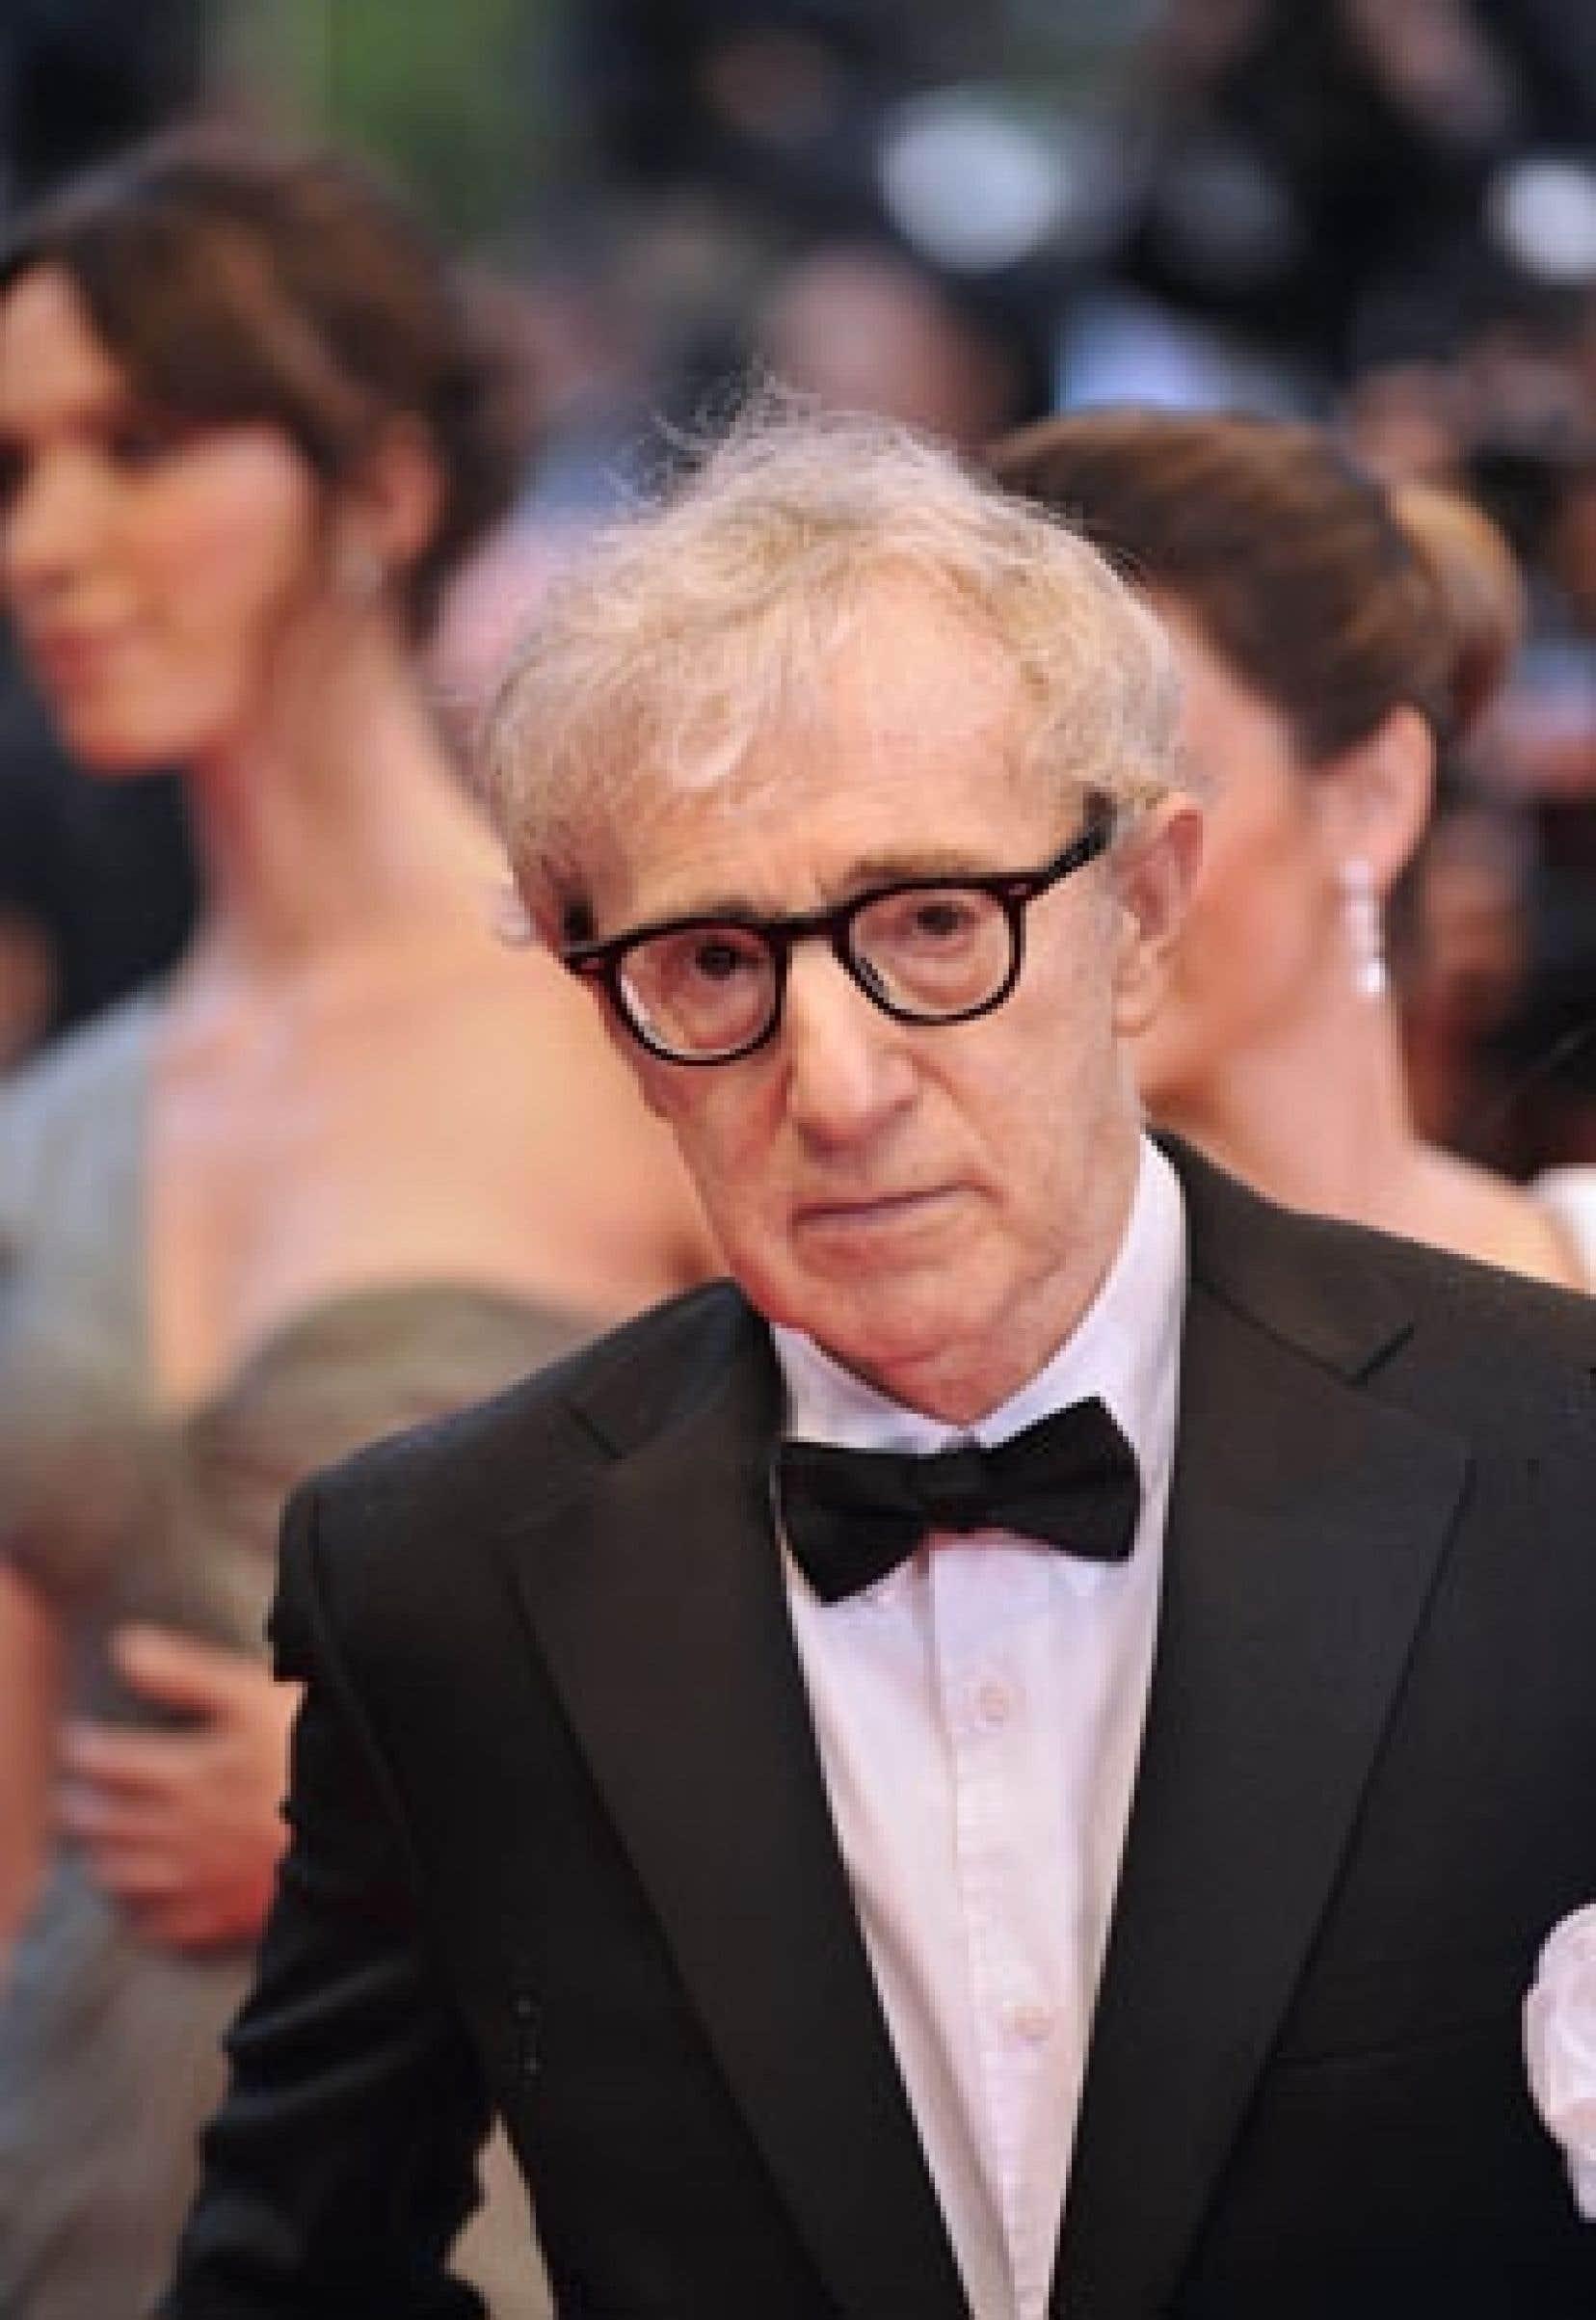 Woody Allen a surpris en transposant l'oeuvre de Puccini de la Florence médiévale à une Italie contemporaine, et en animant tous les personnages de cette farce, qui se disputent un héritage.